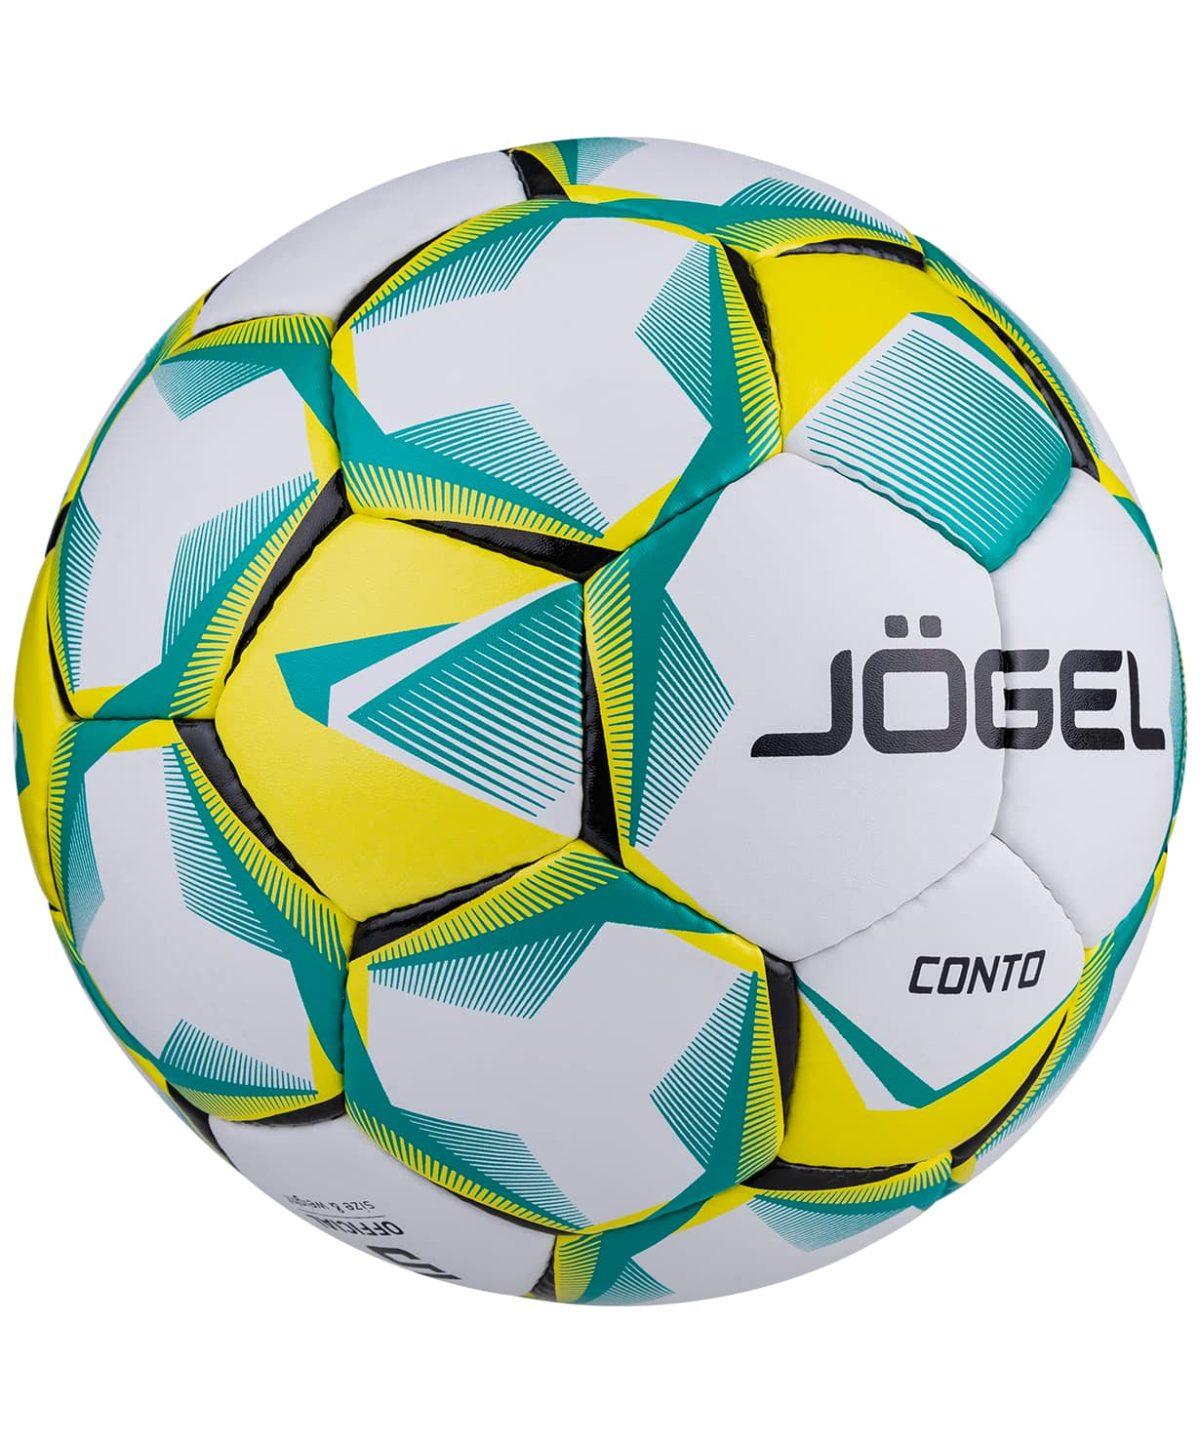 JOGEL Conto  Мяч футбольный  Conto №5 (BC20) - 4